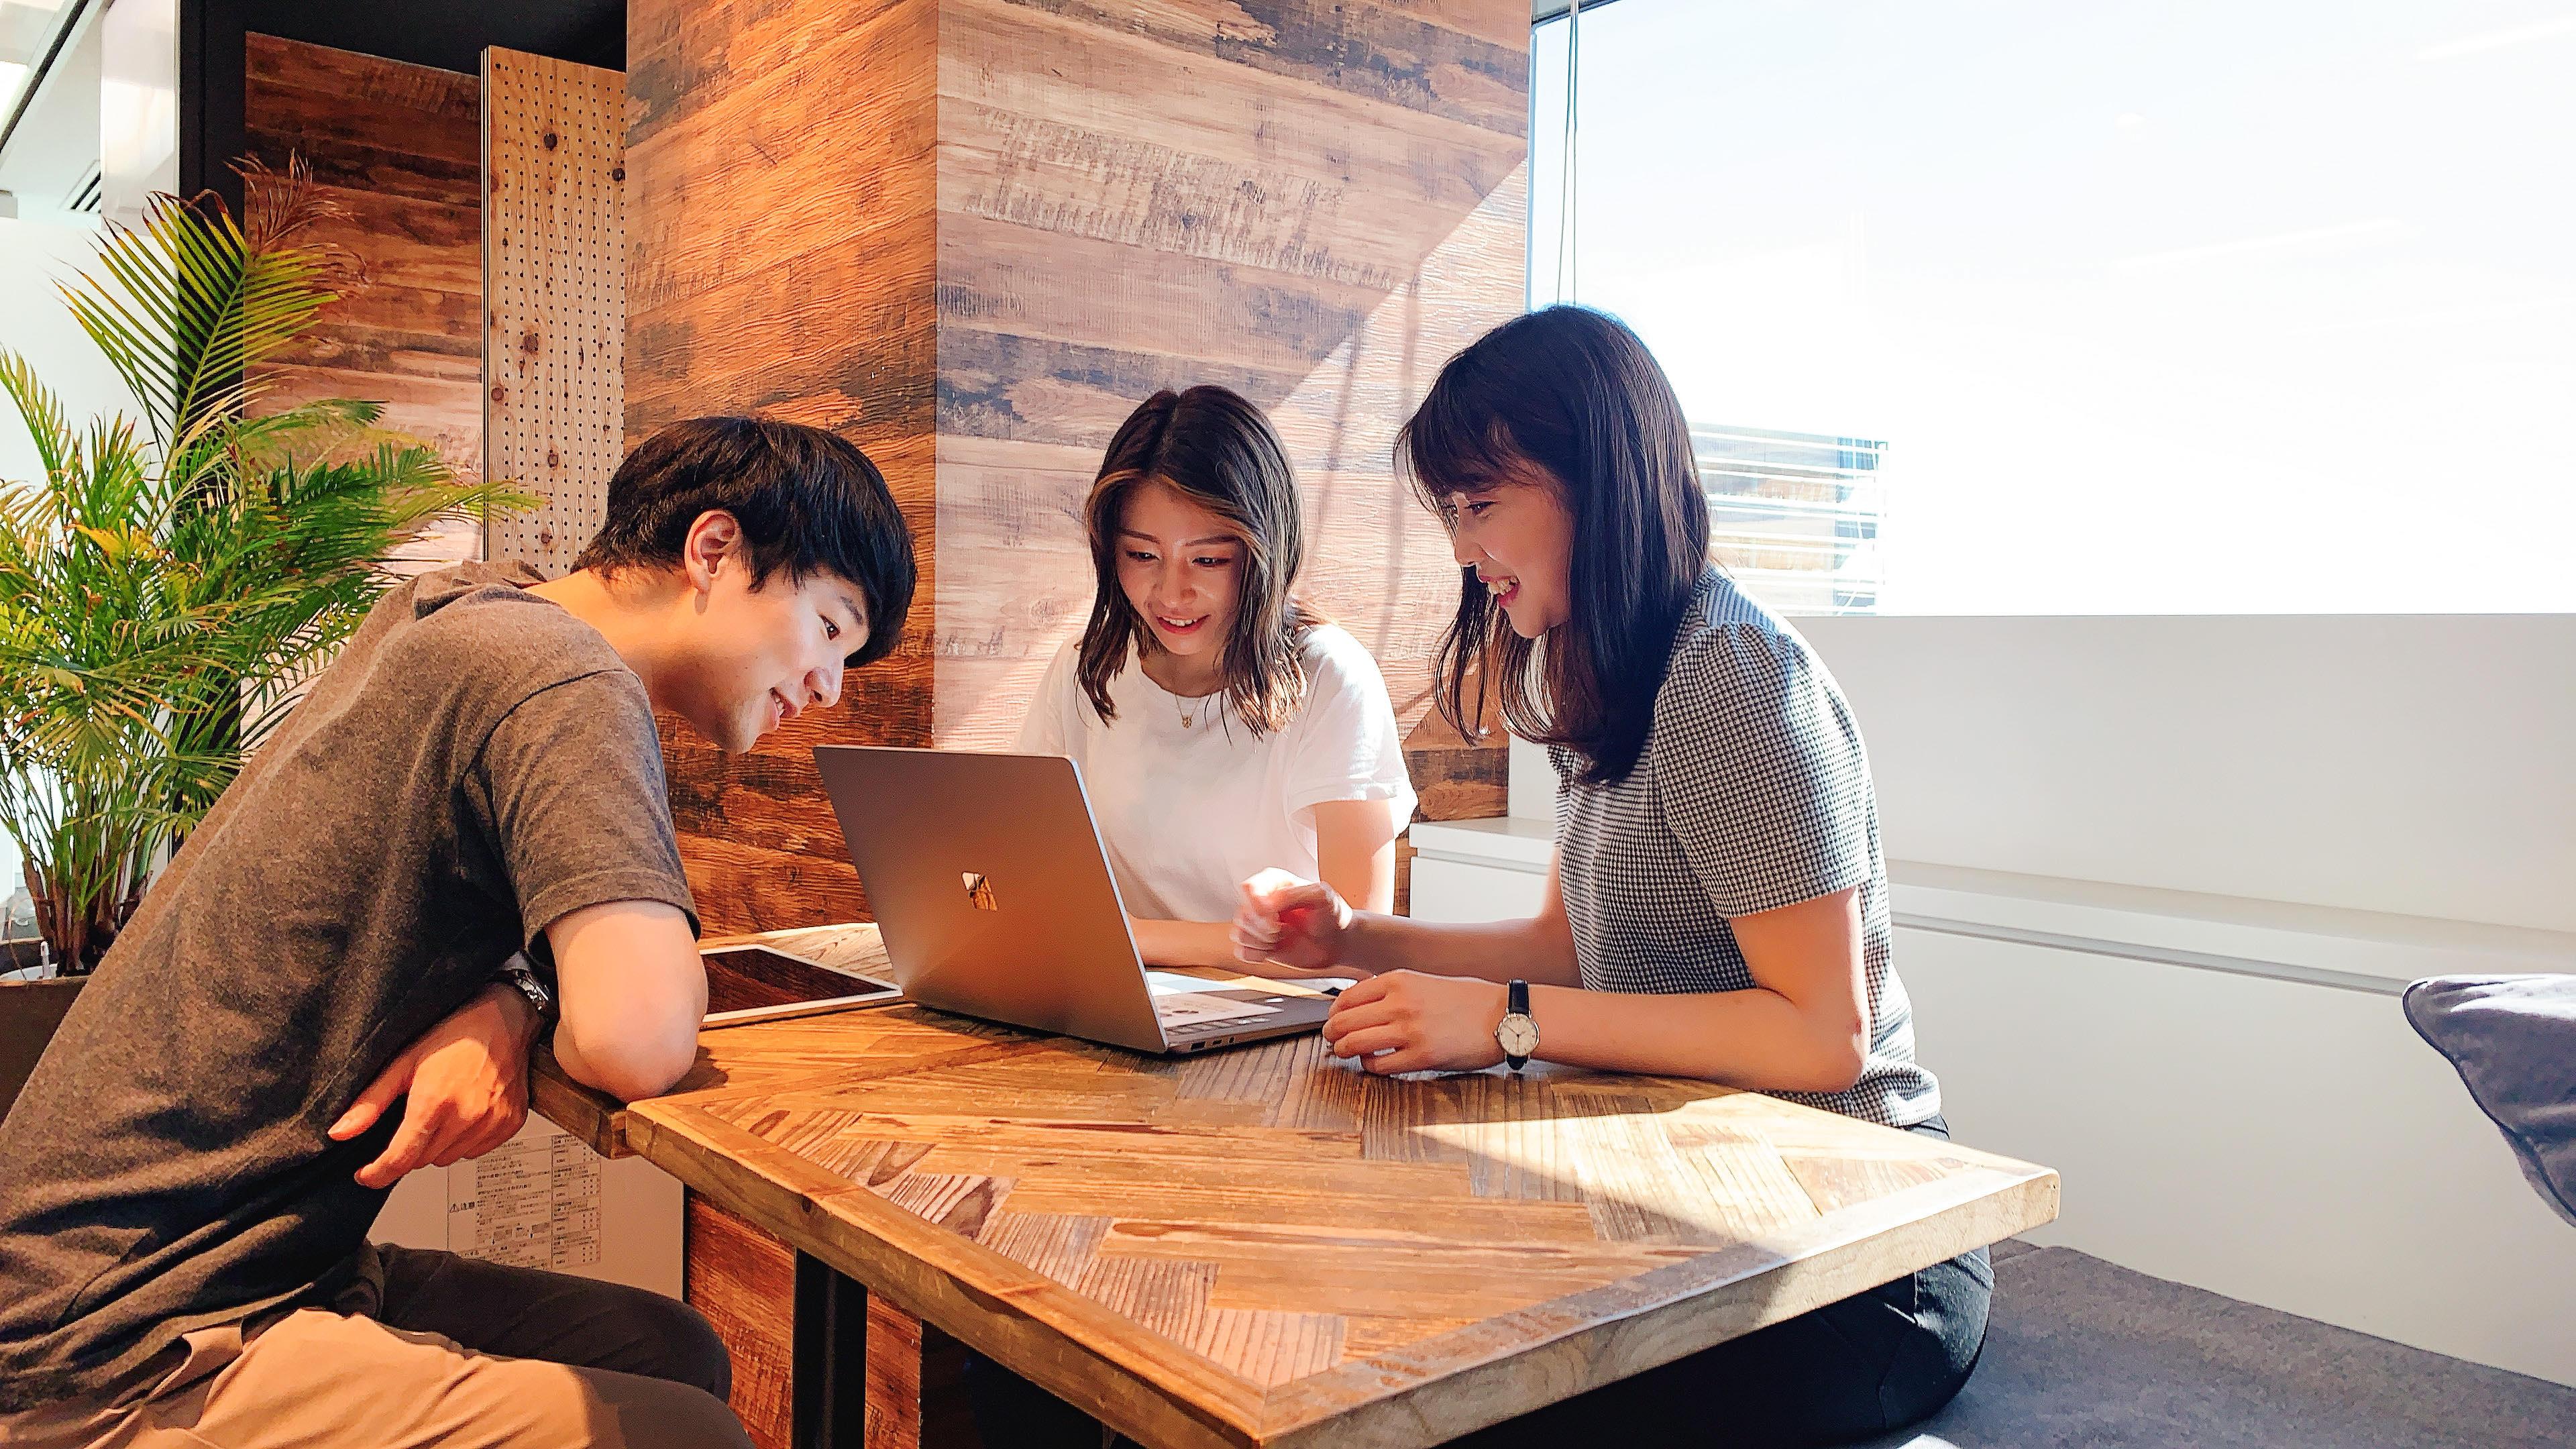 オンライン面談開催!デジタルマーケティングに興味ある22卒募集!